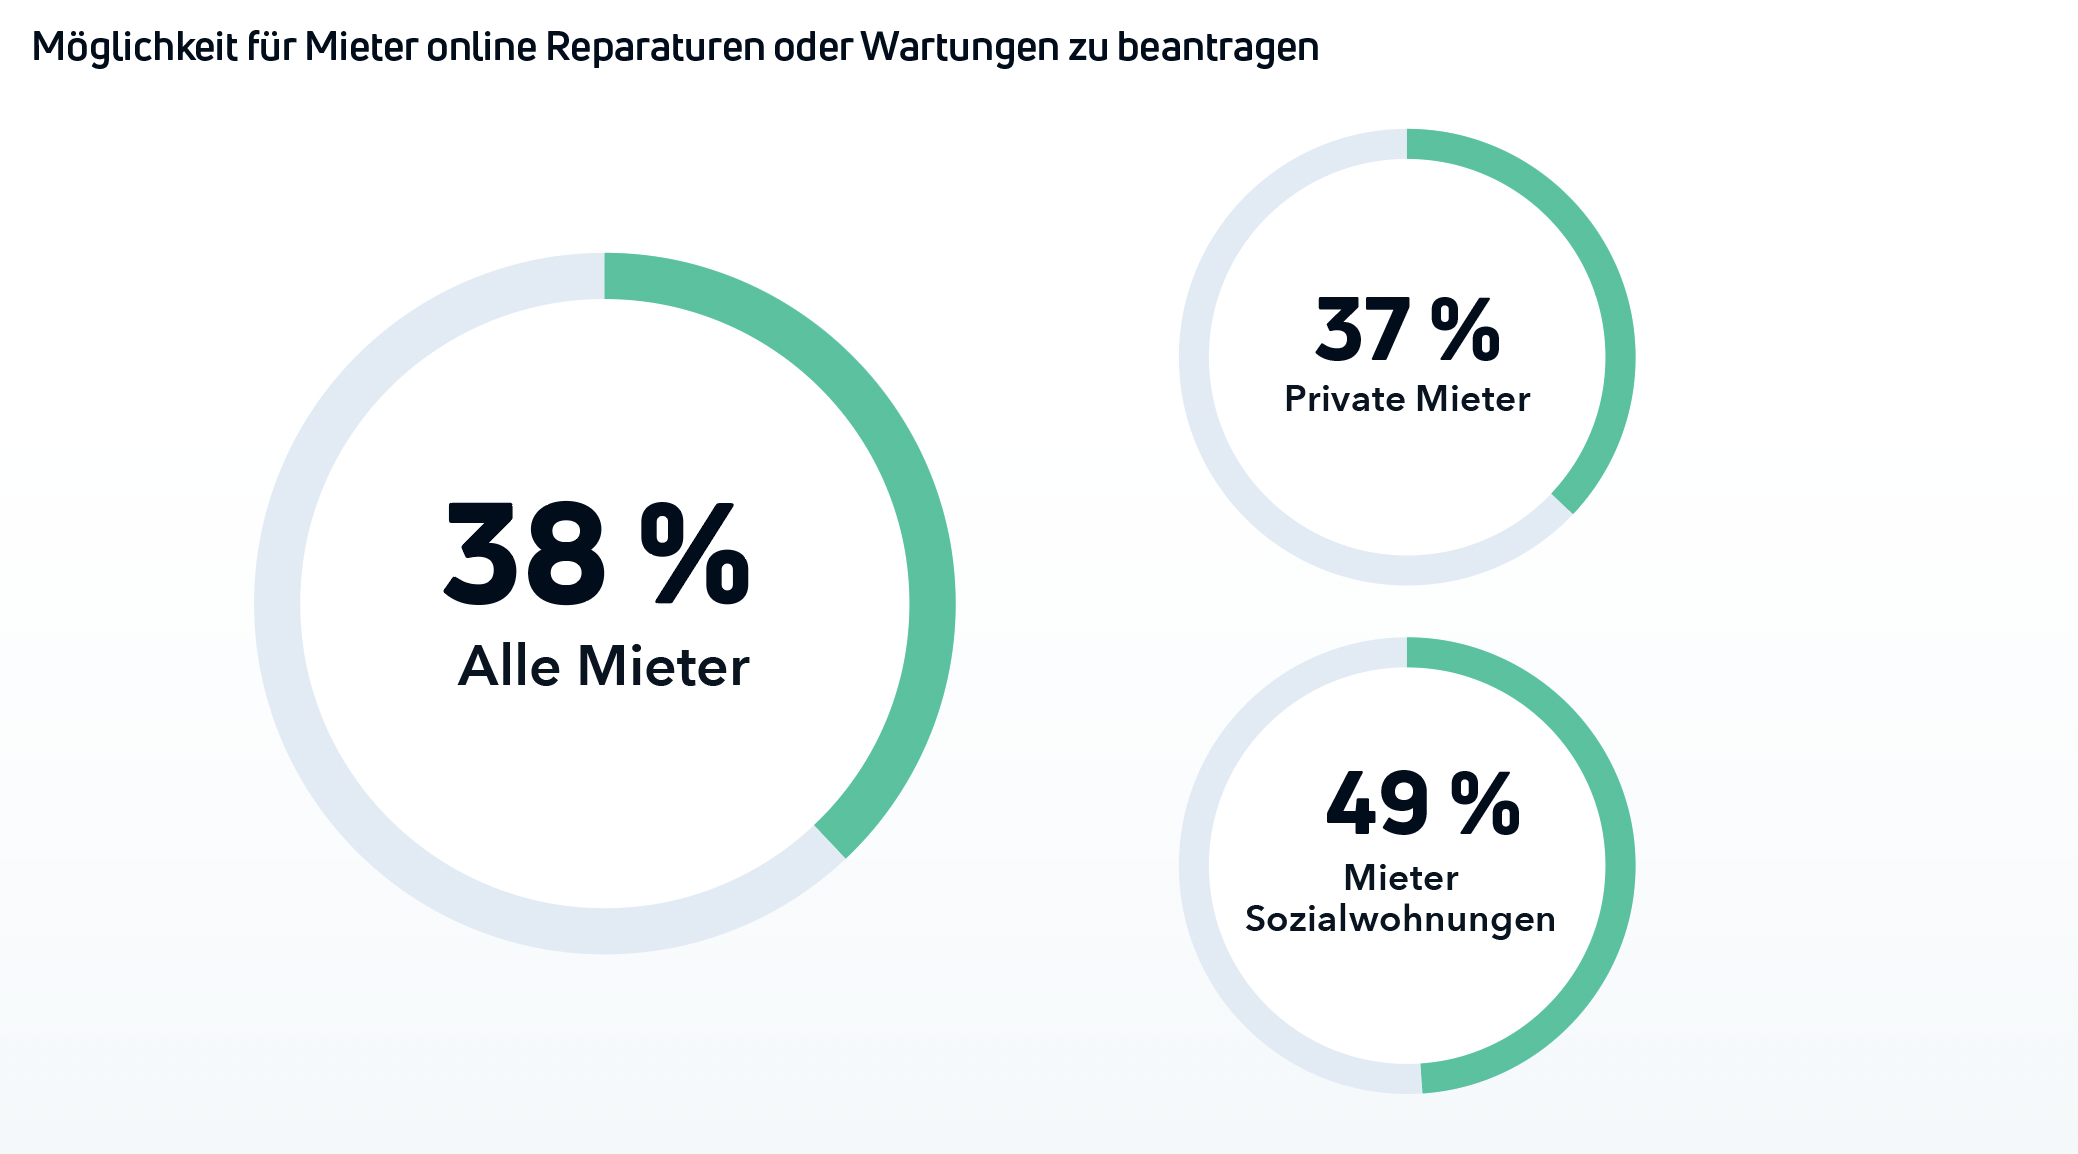 Diagramm wie viel Prozent (38%) der Mieter Reparaturen online beantragen können